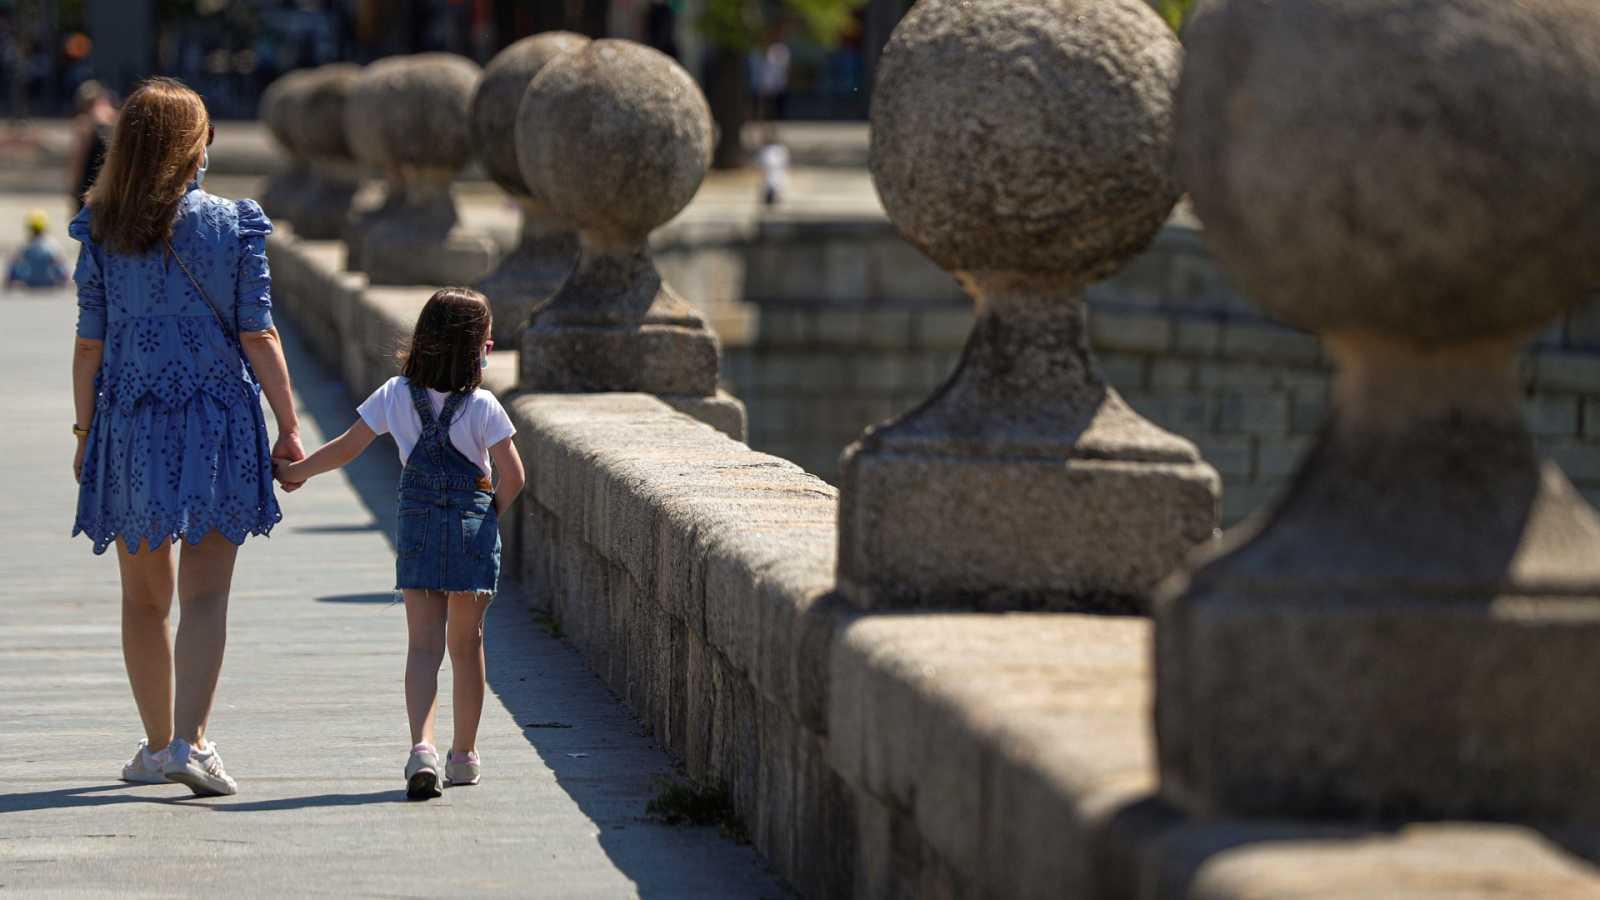 Las medidas pretenden facilitar el distanciamiento social durante los paseos.